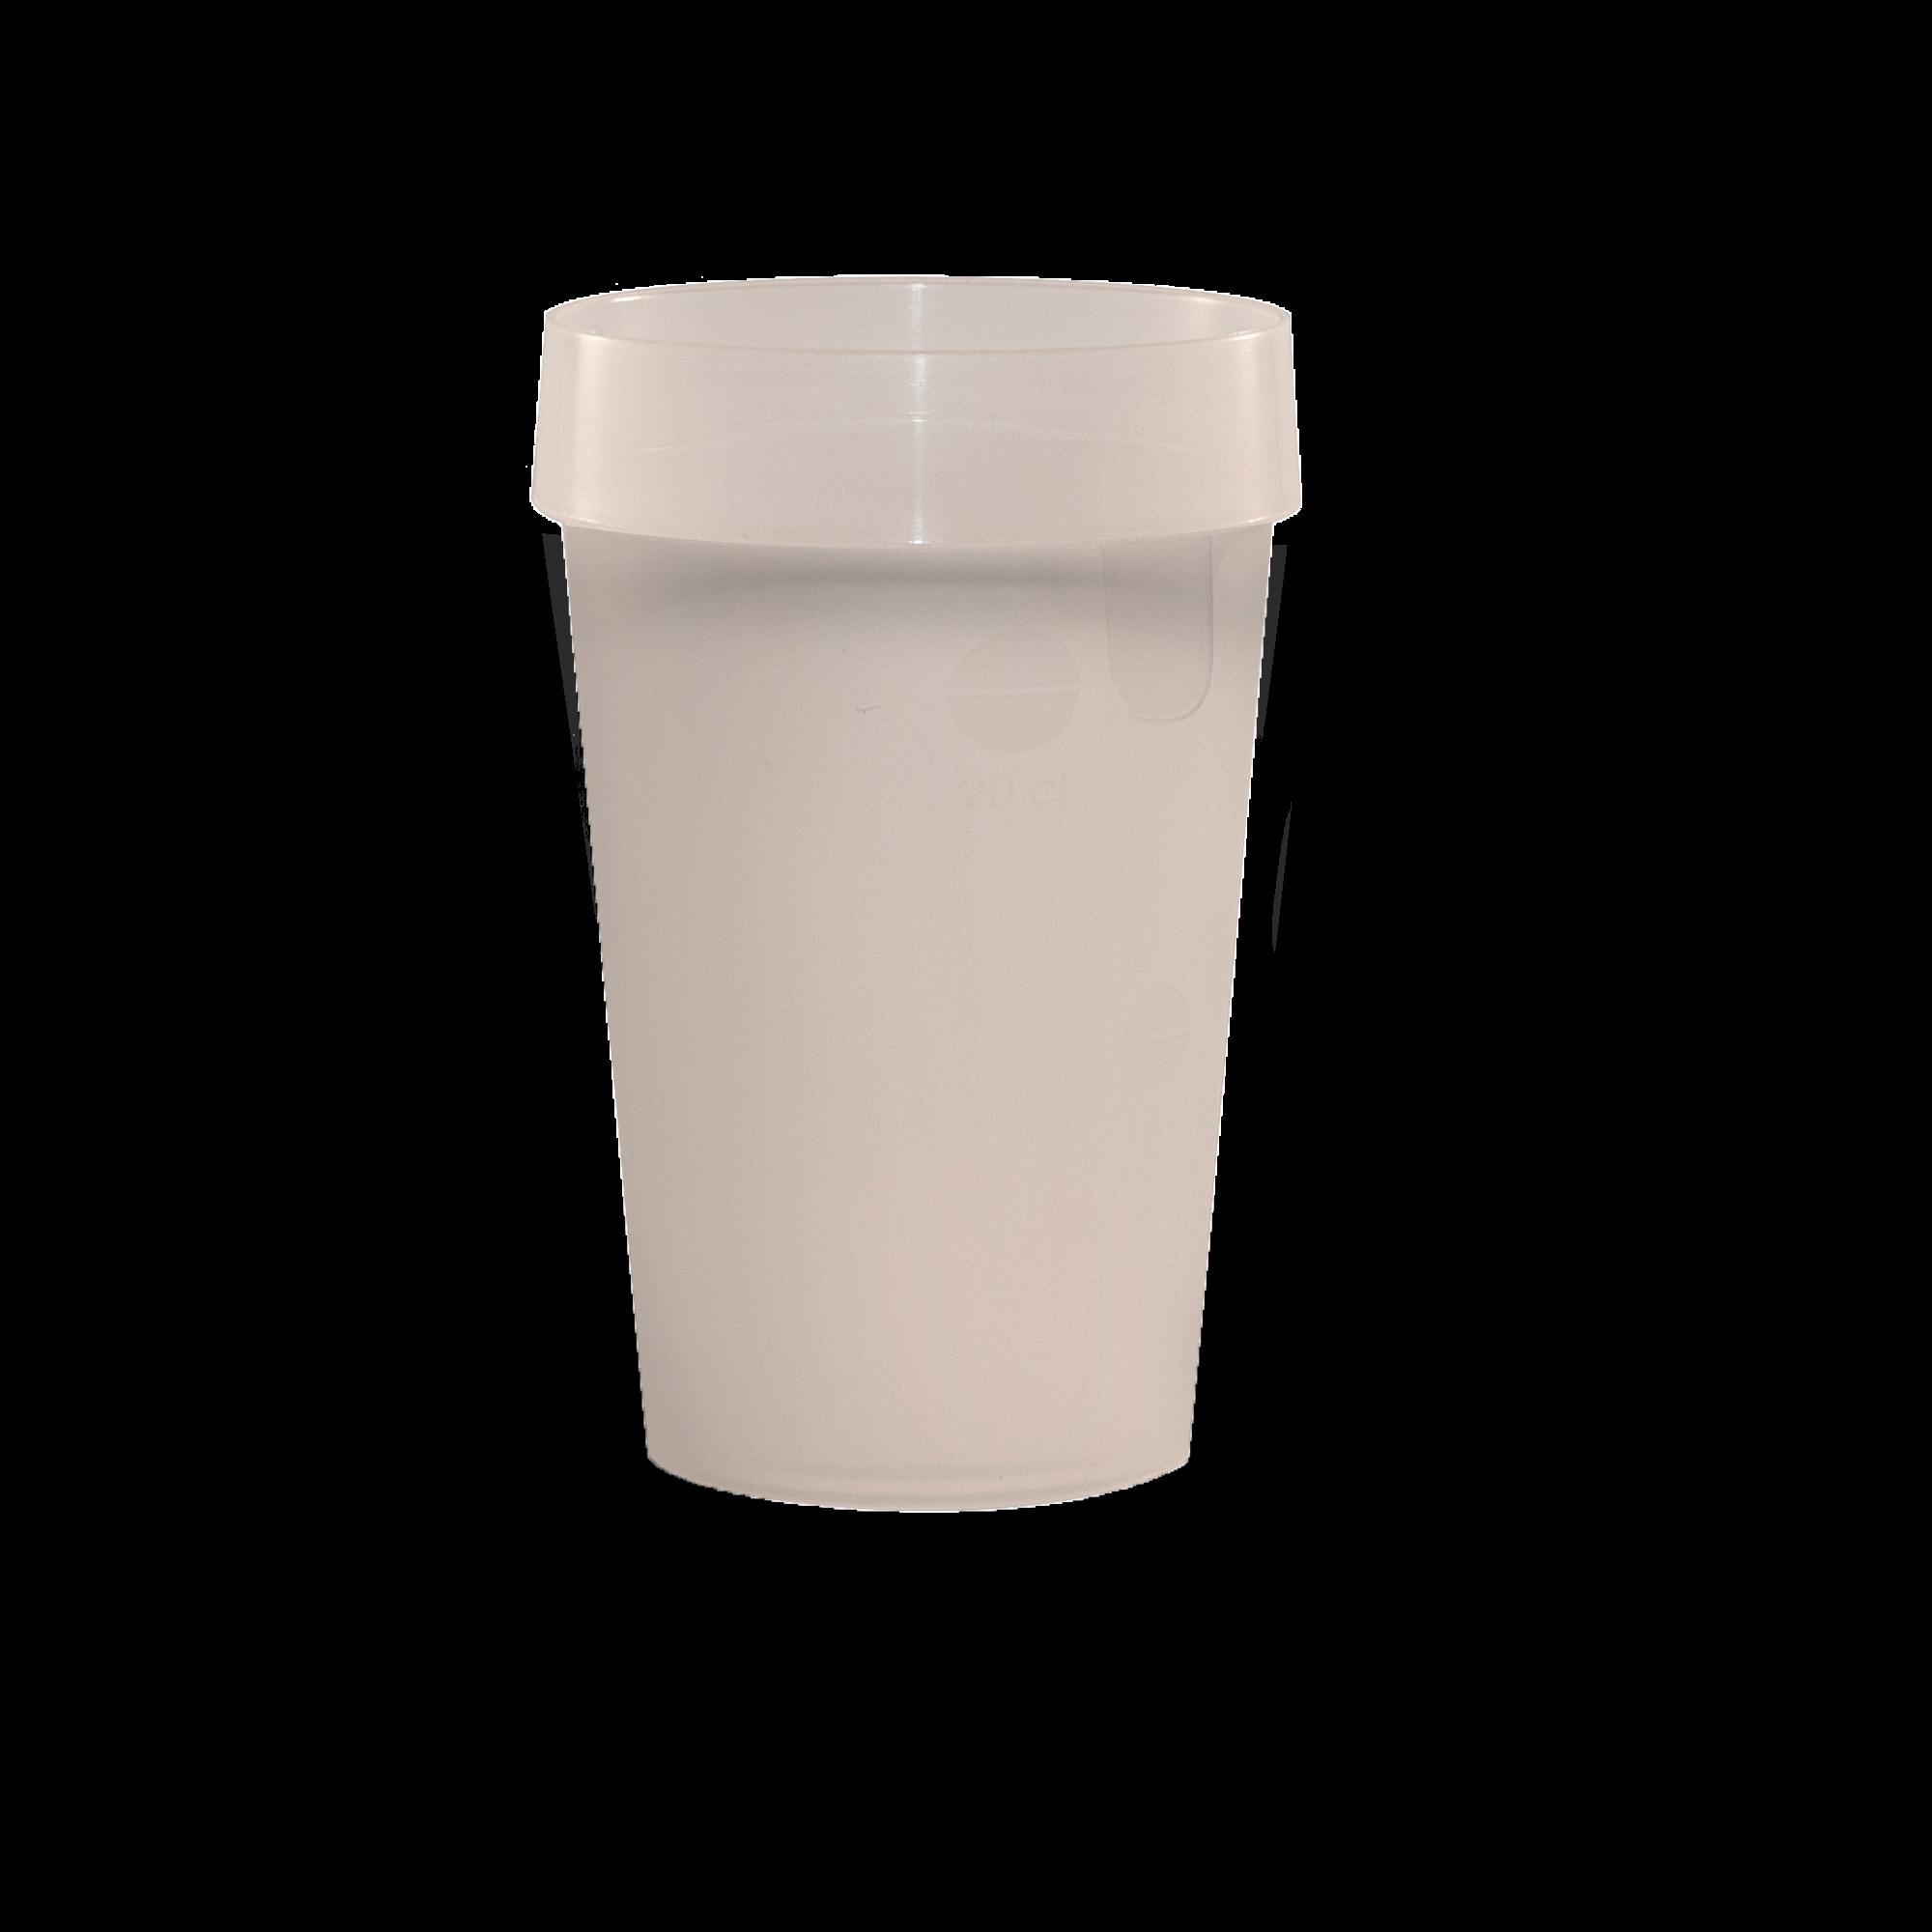 Gobelet réutilisable EP25 neutre givré